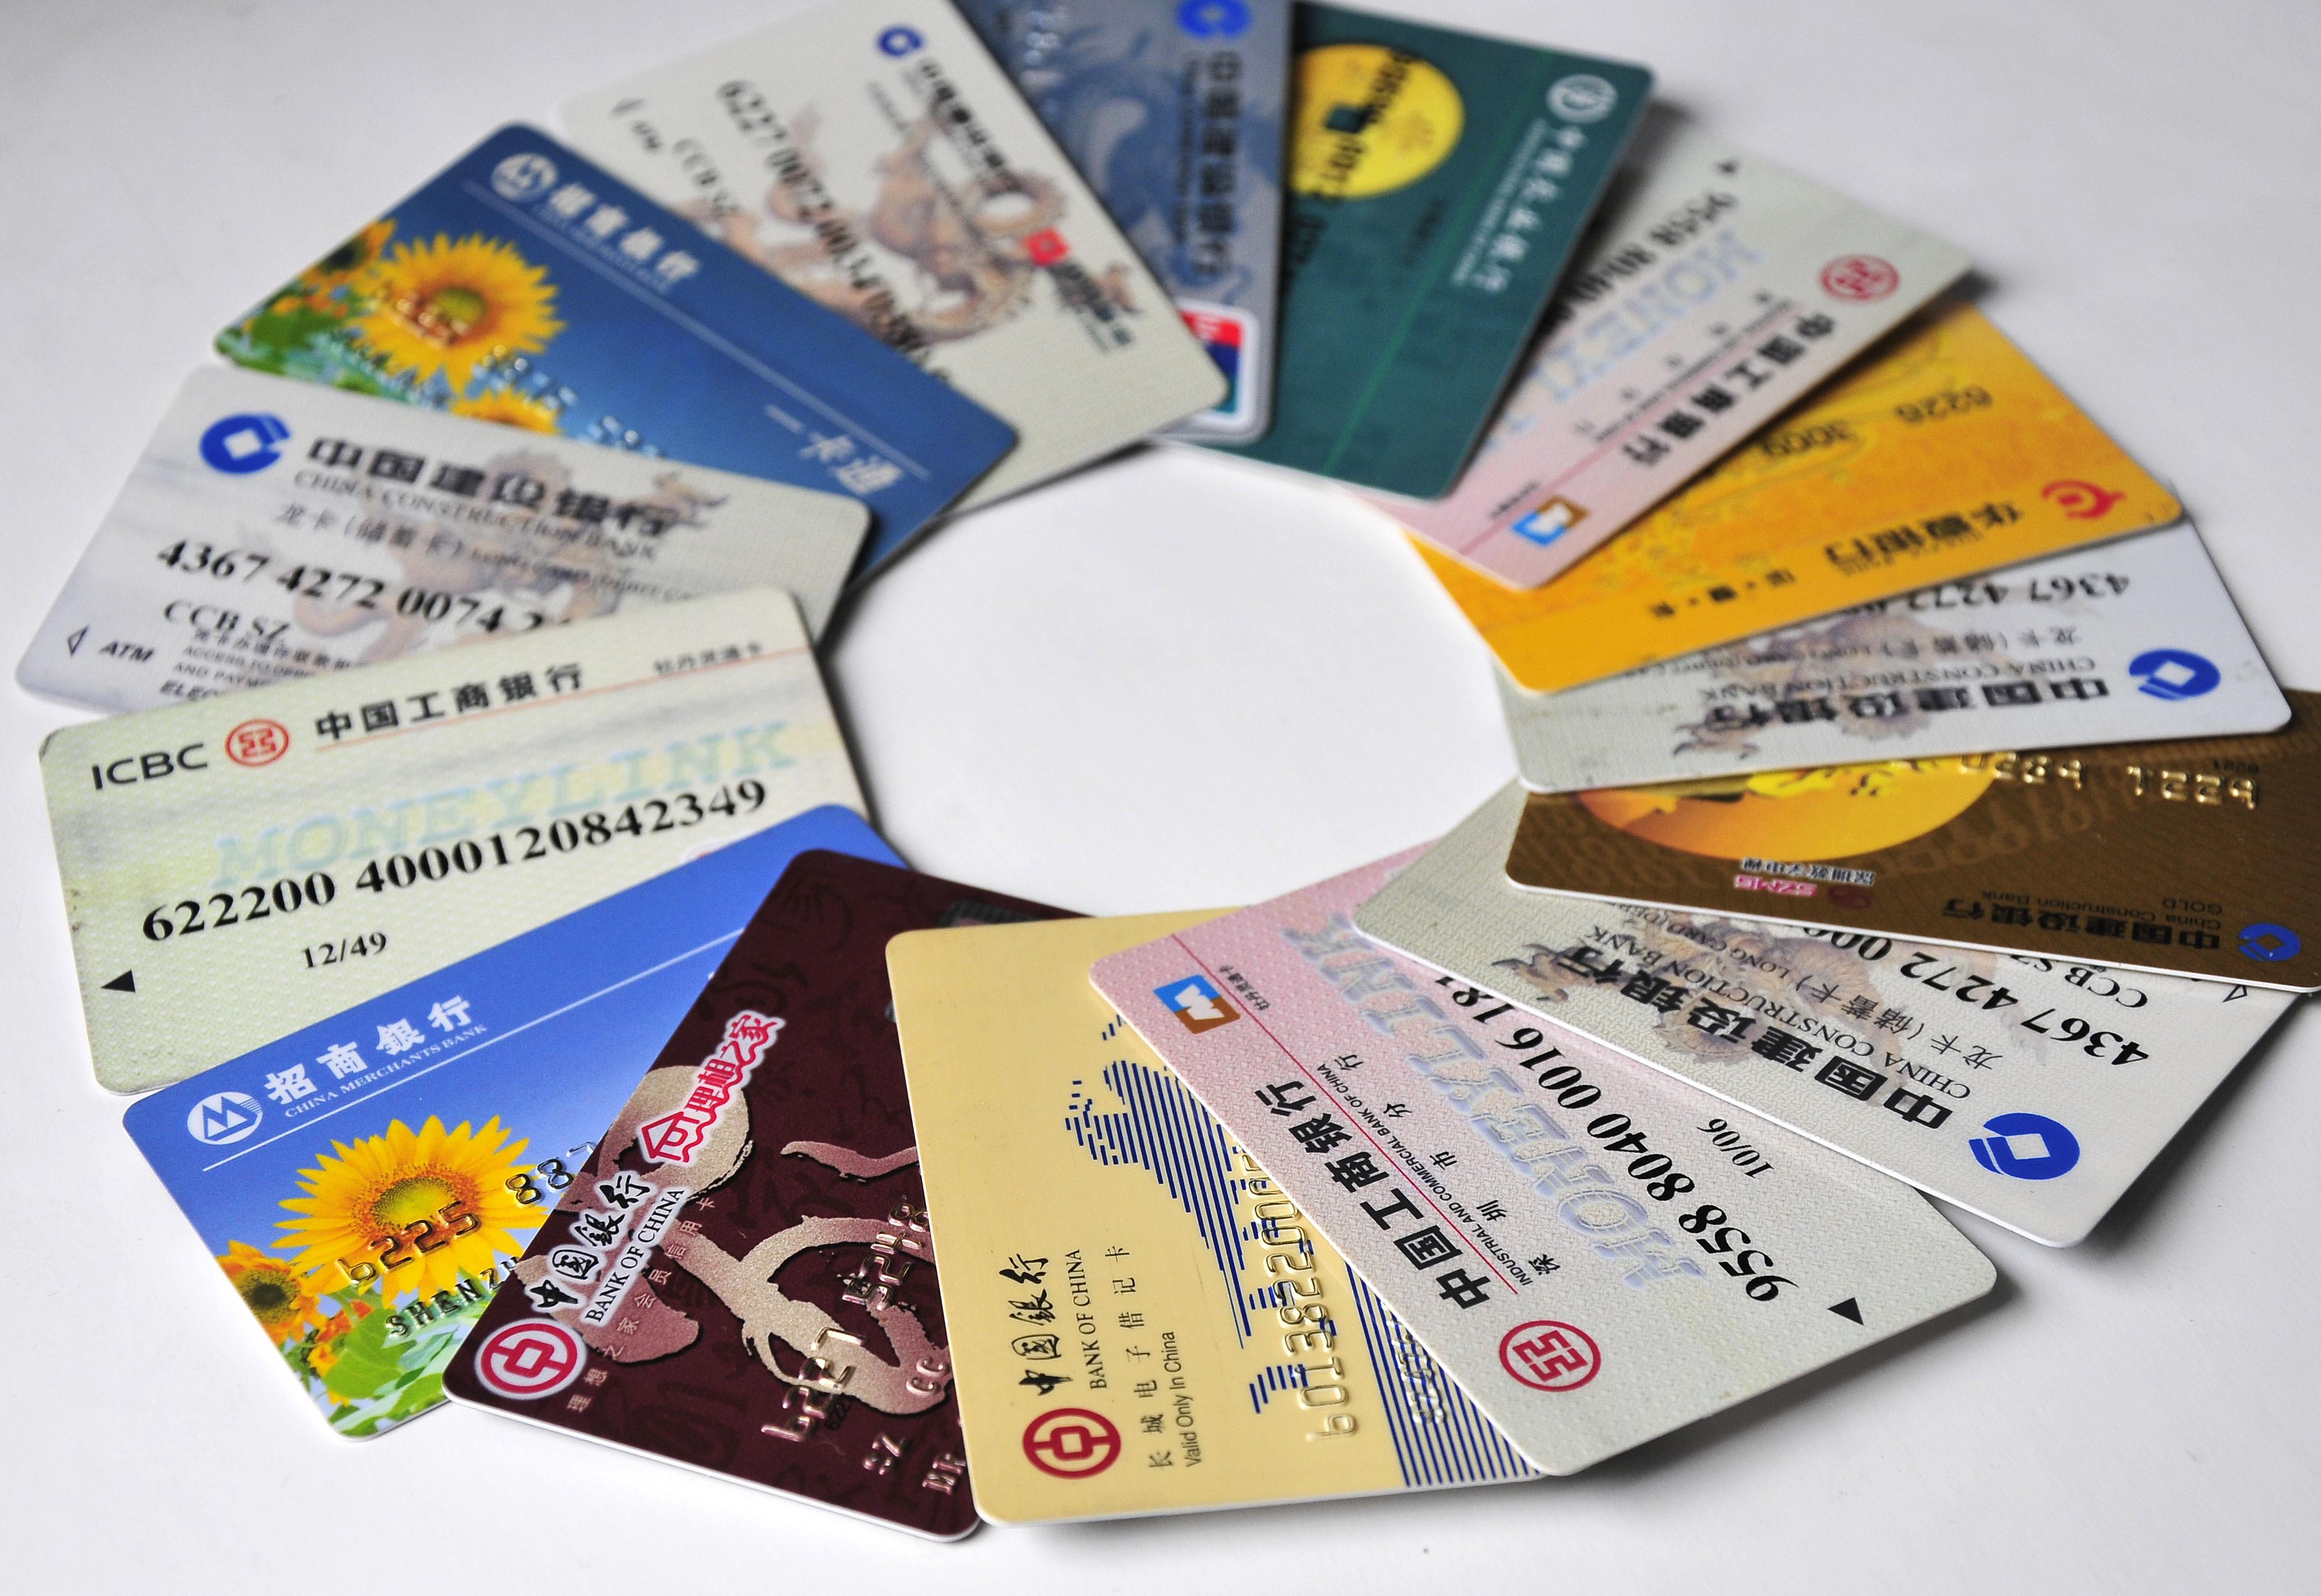 【收藏】什么银行的信用卡最好申请?